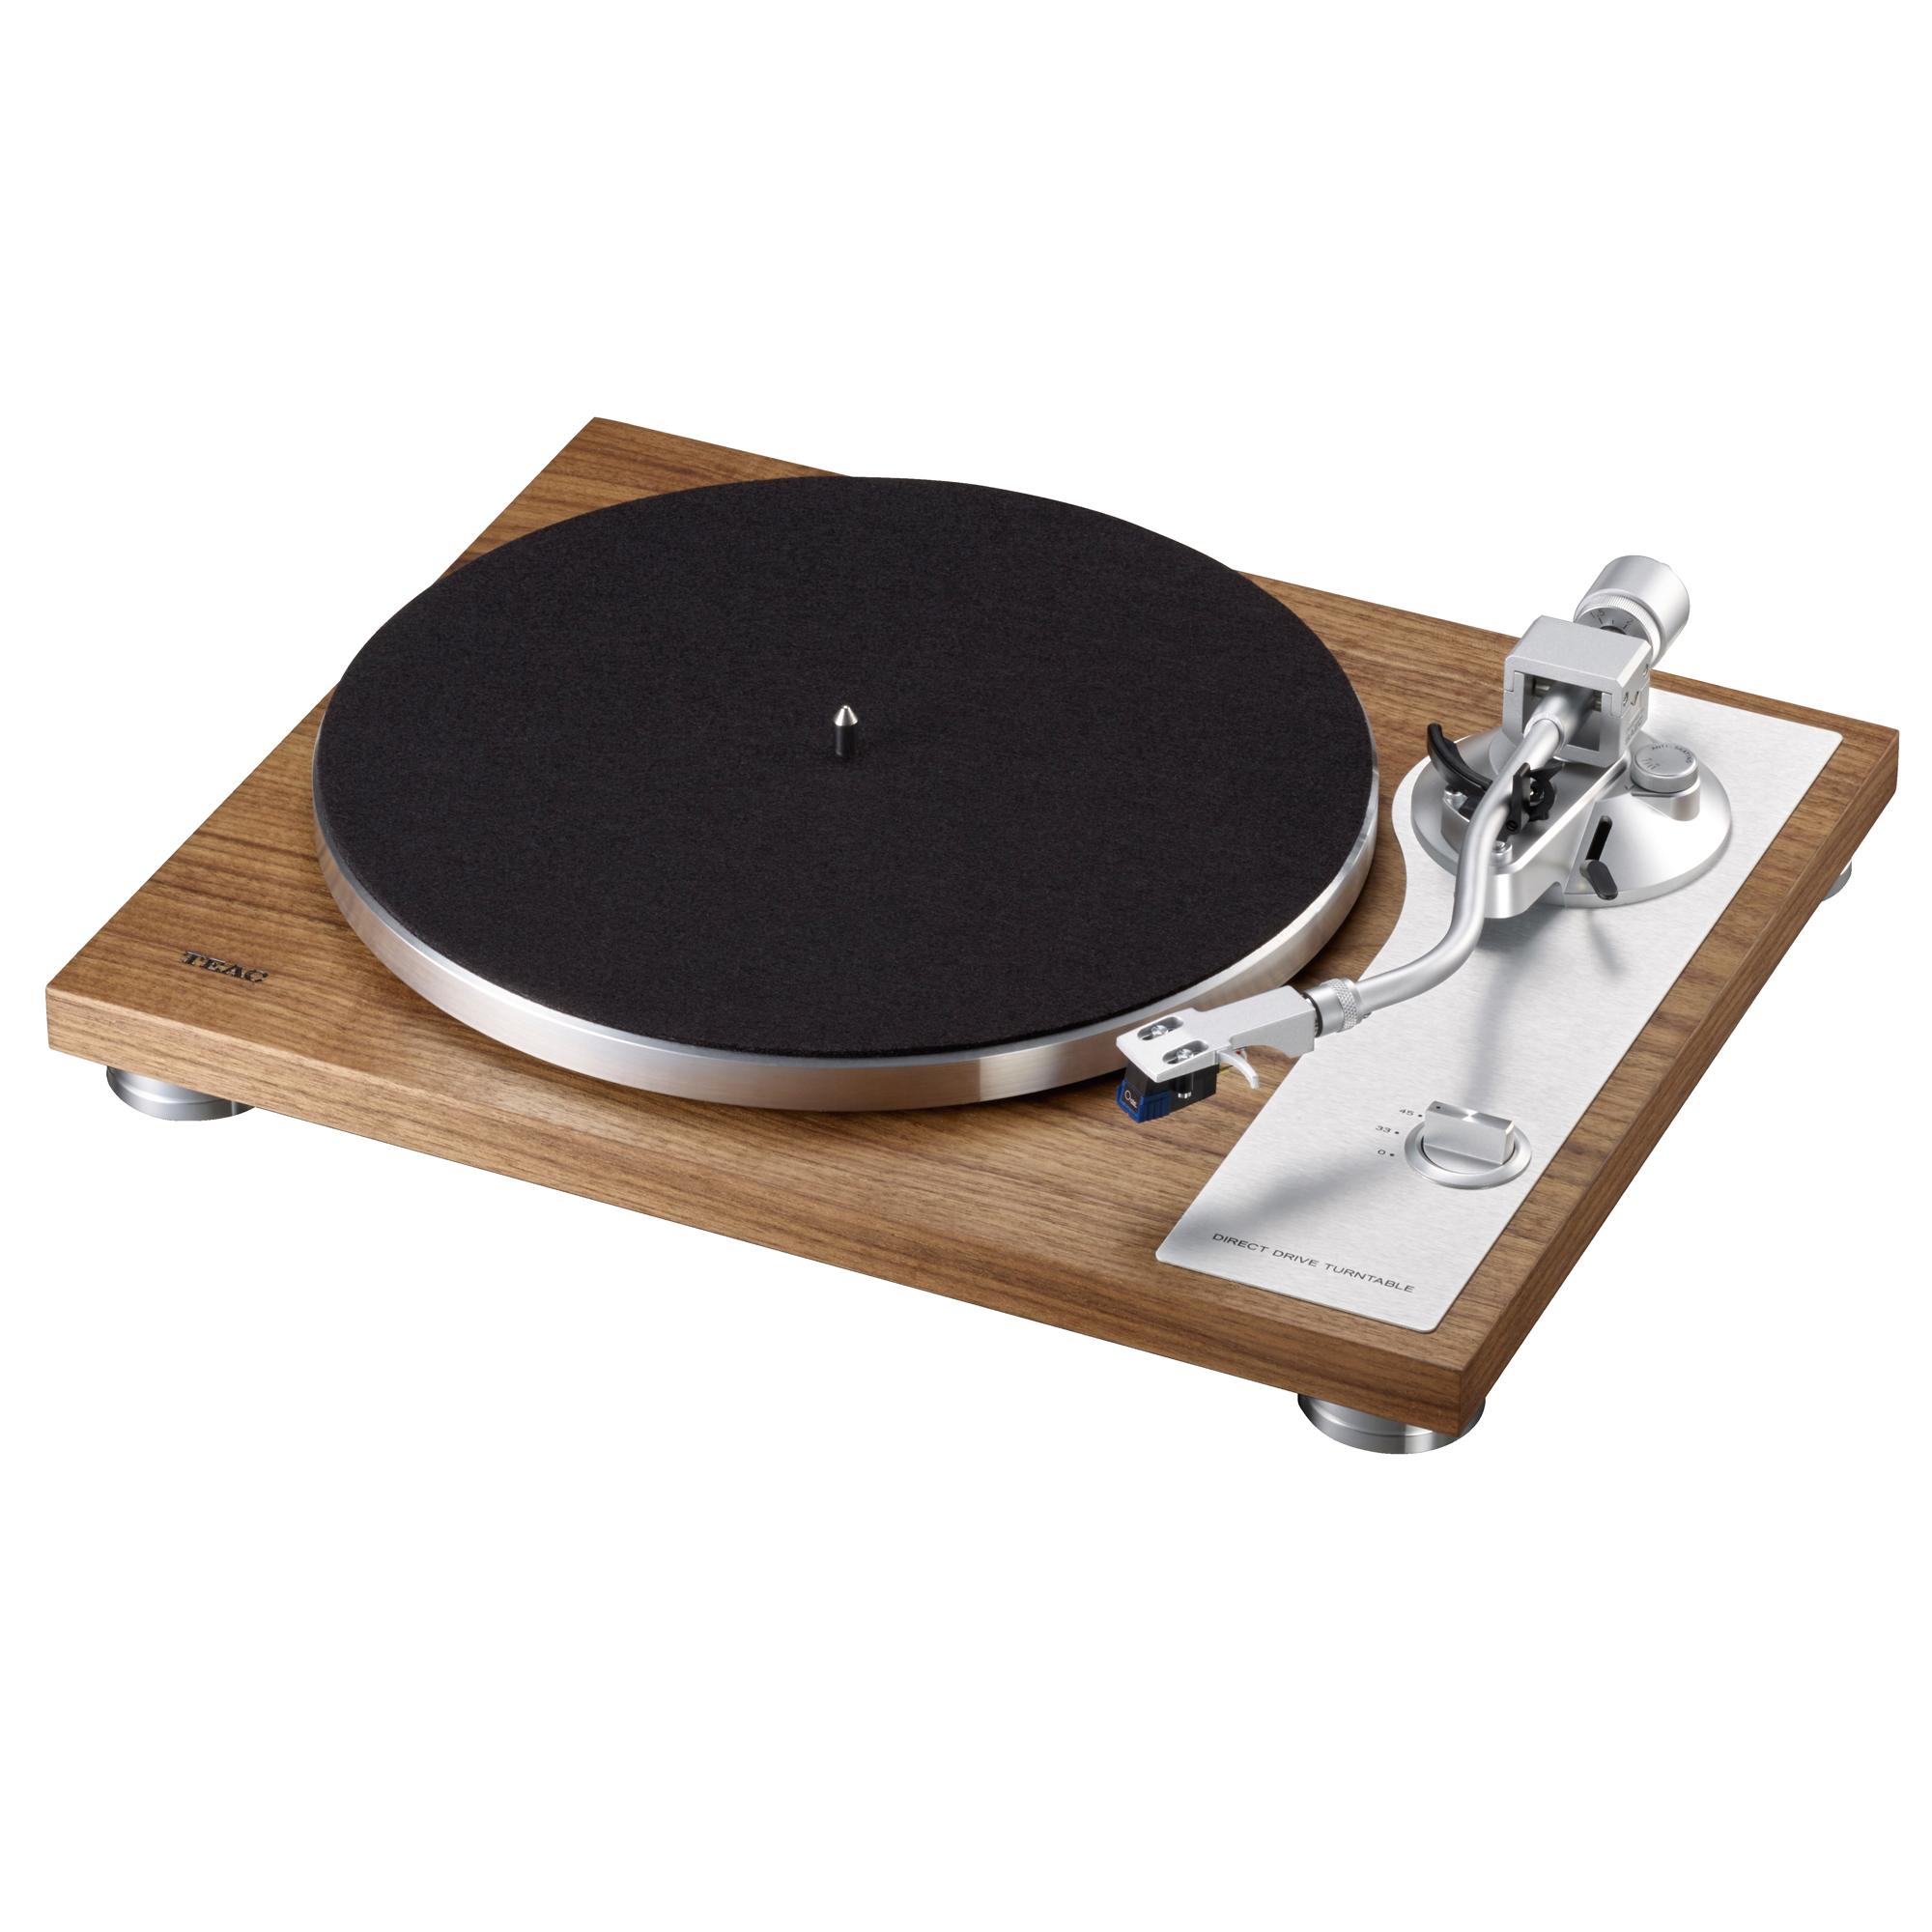 Teac TN-4D walnuss Plattenspieler 44184